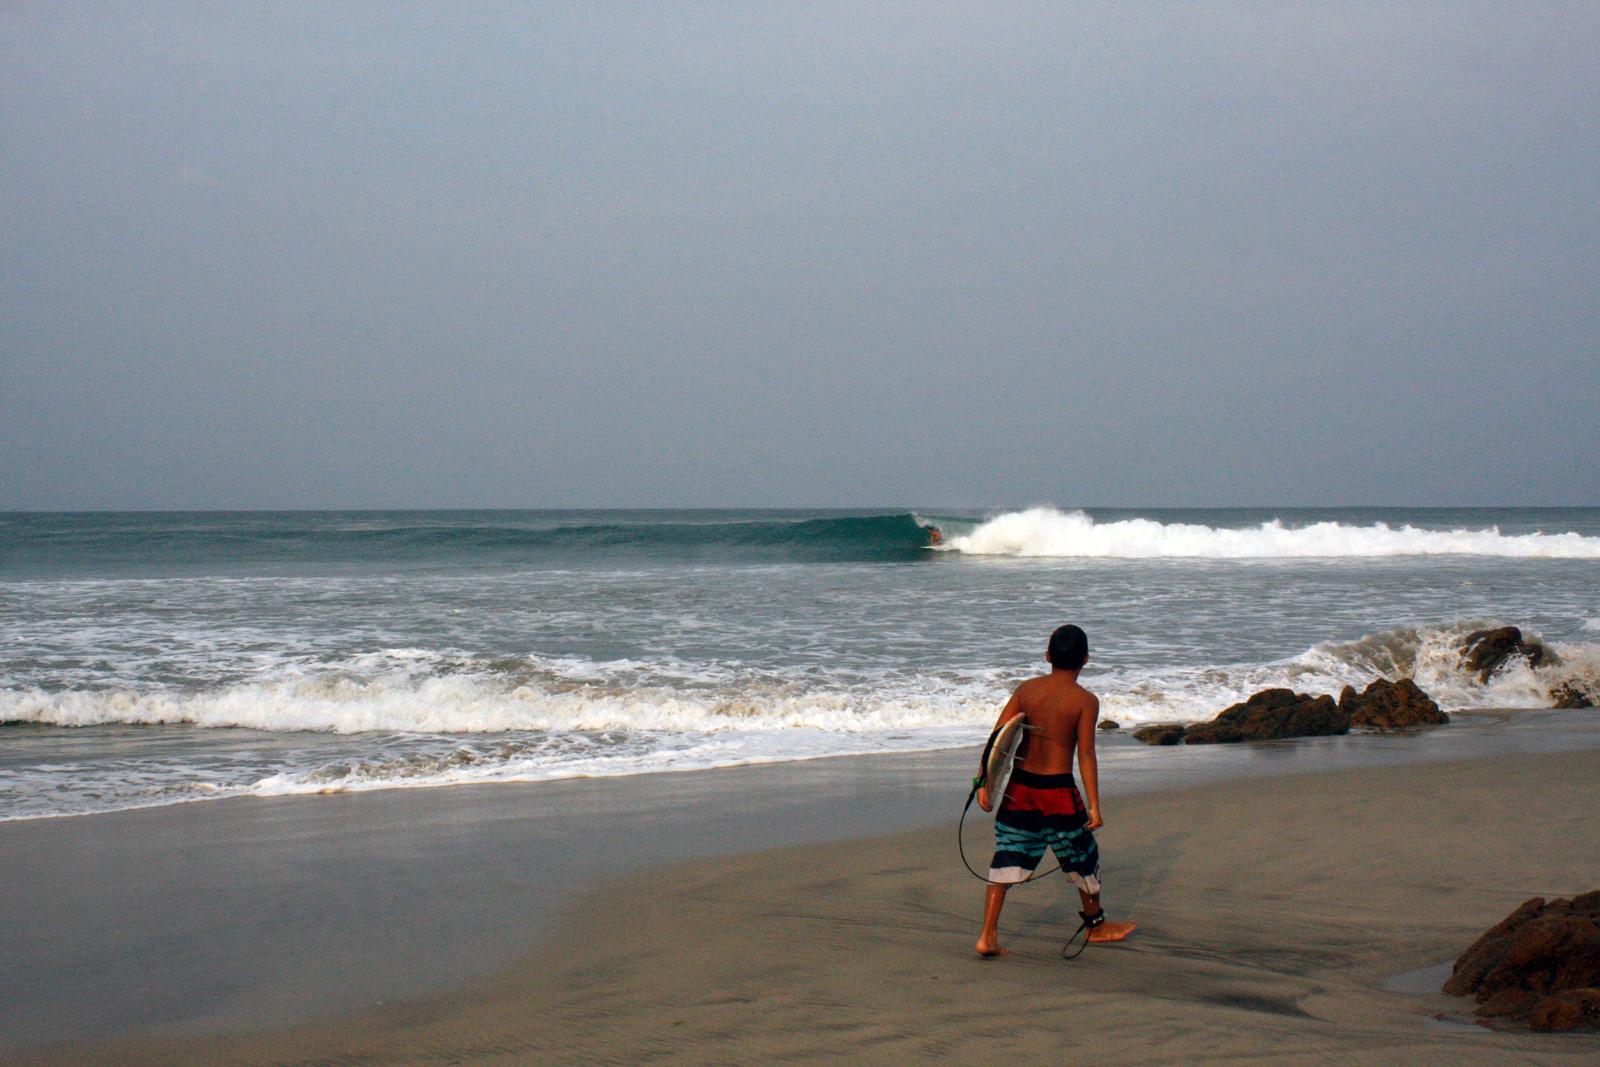 Josh Mulcoy, Elvis | Las Palmeras Surf Camp, Salina Cruz, Oaxaca, Mexico